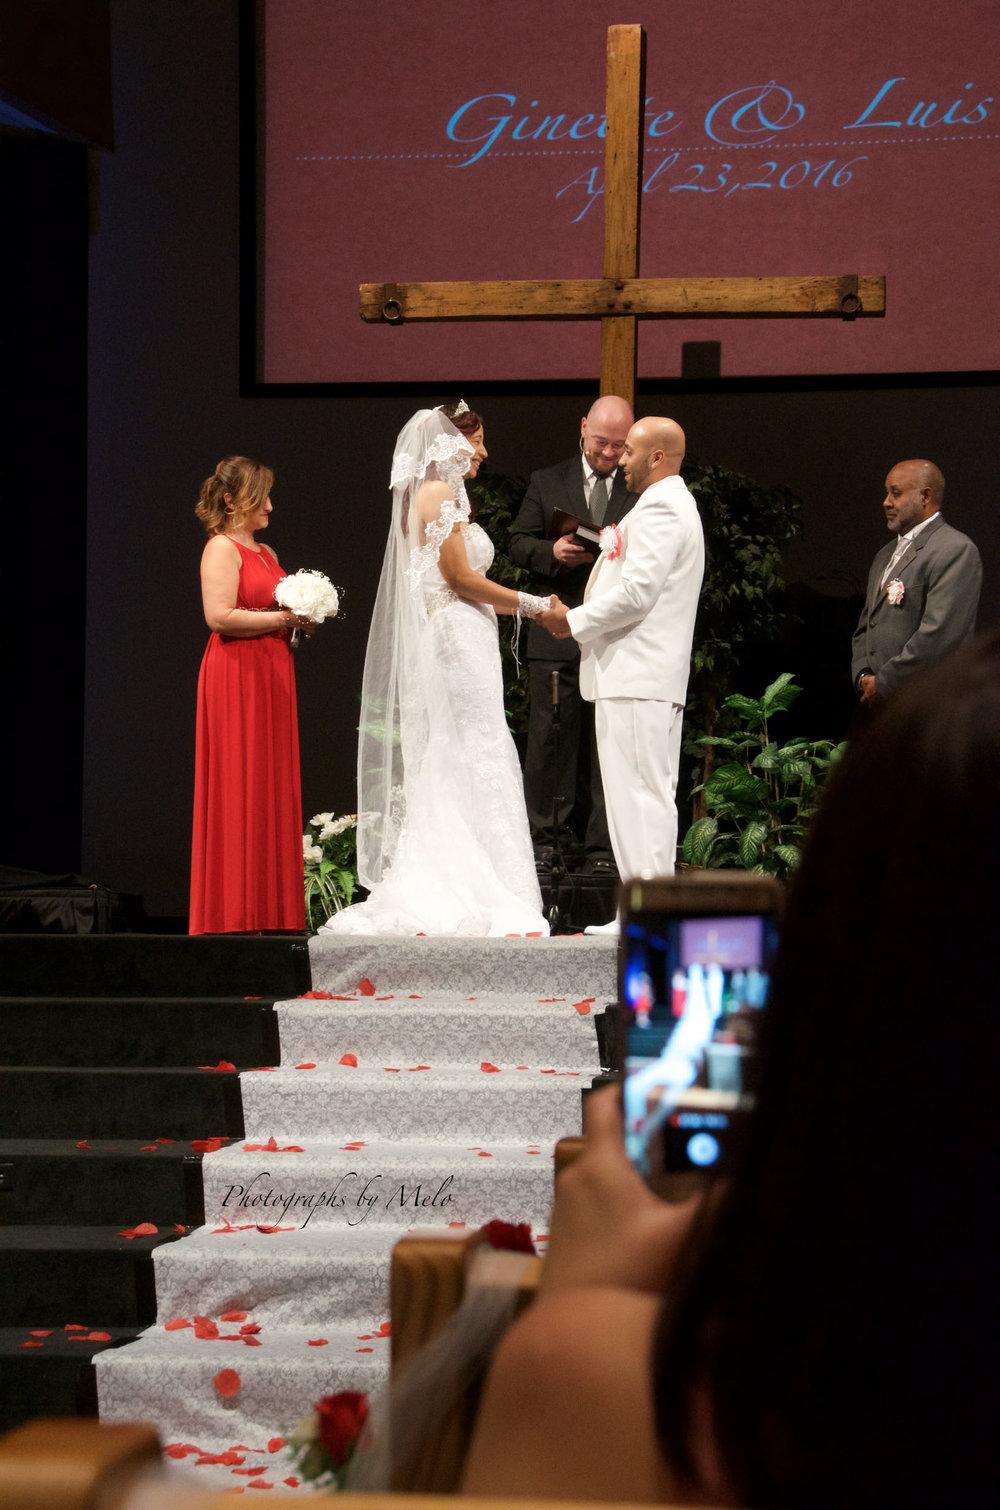 Ceremony - Vows